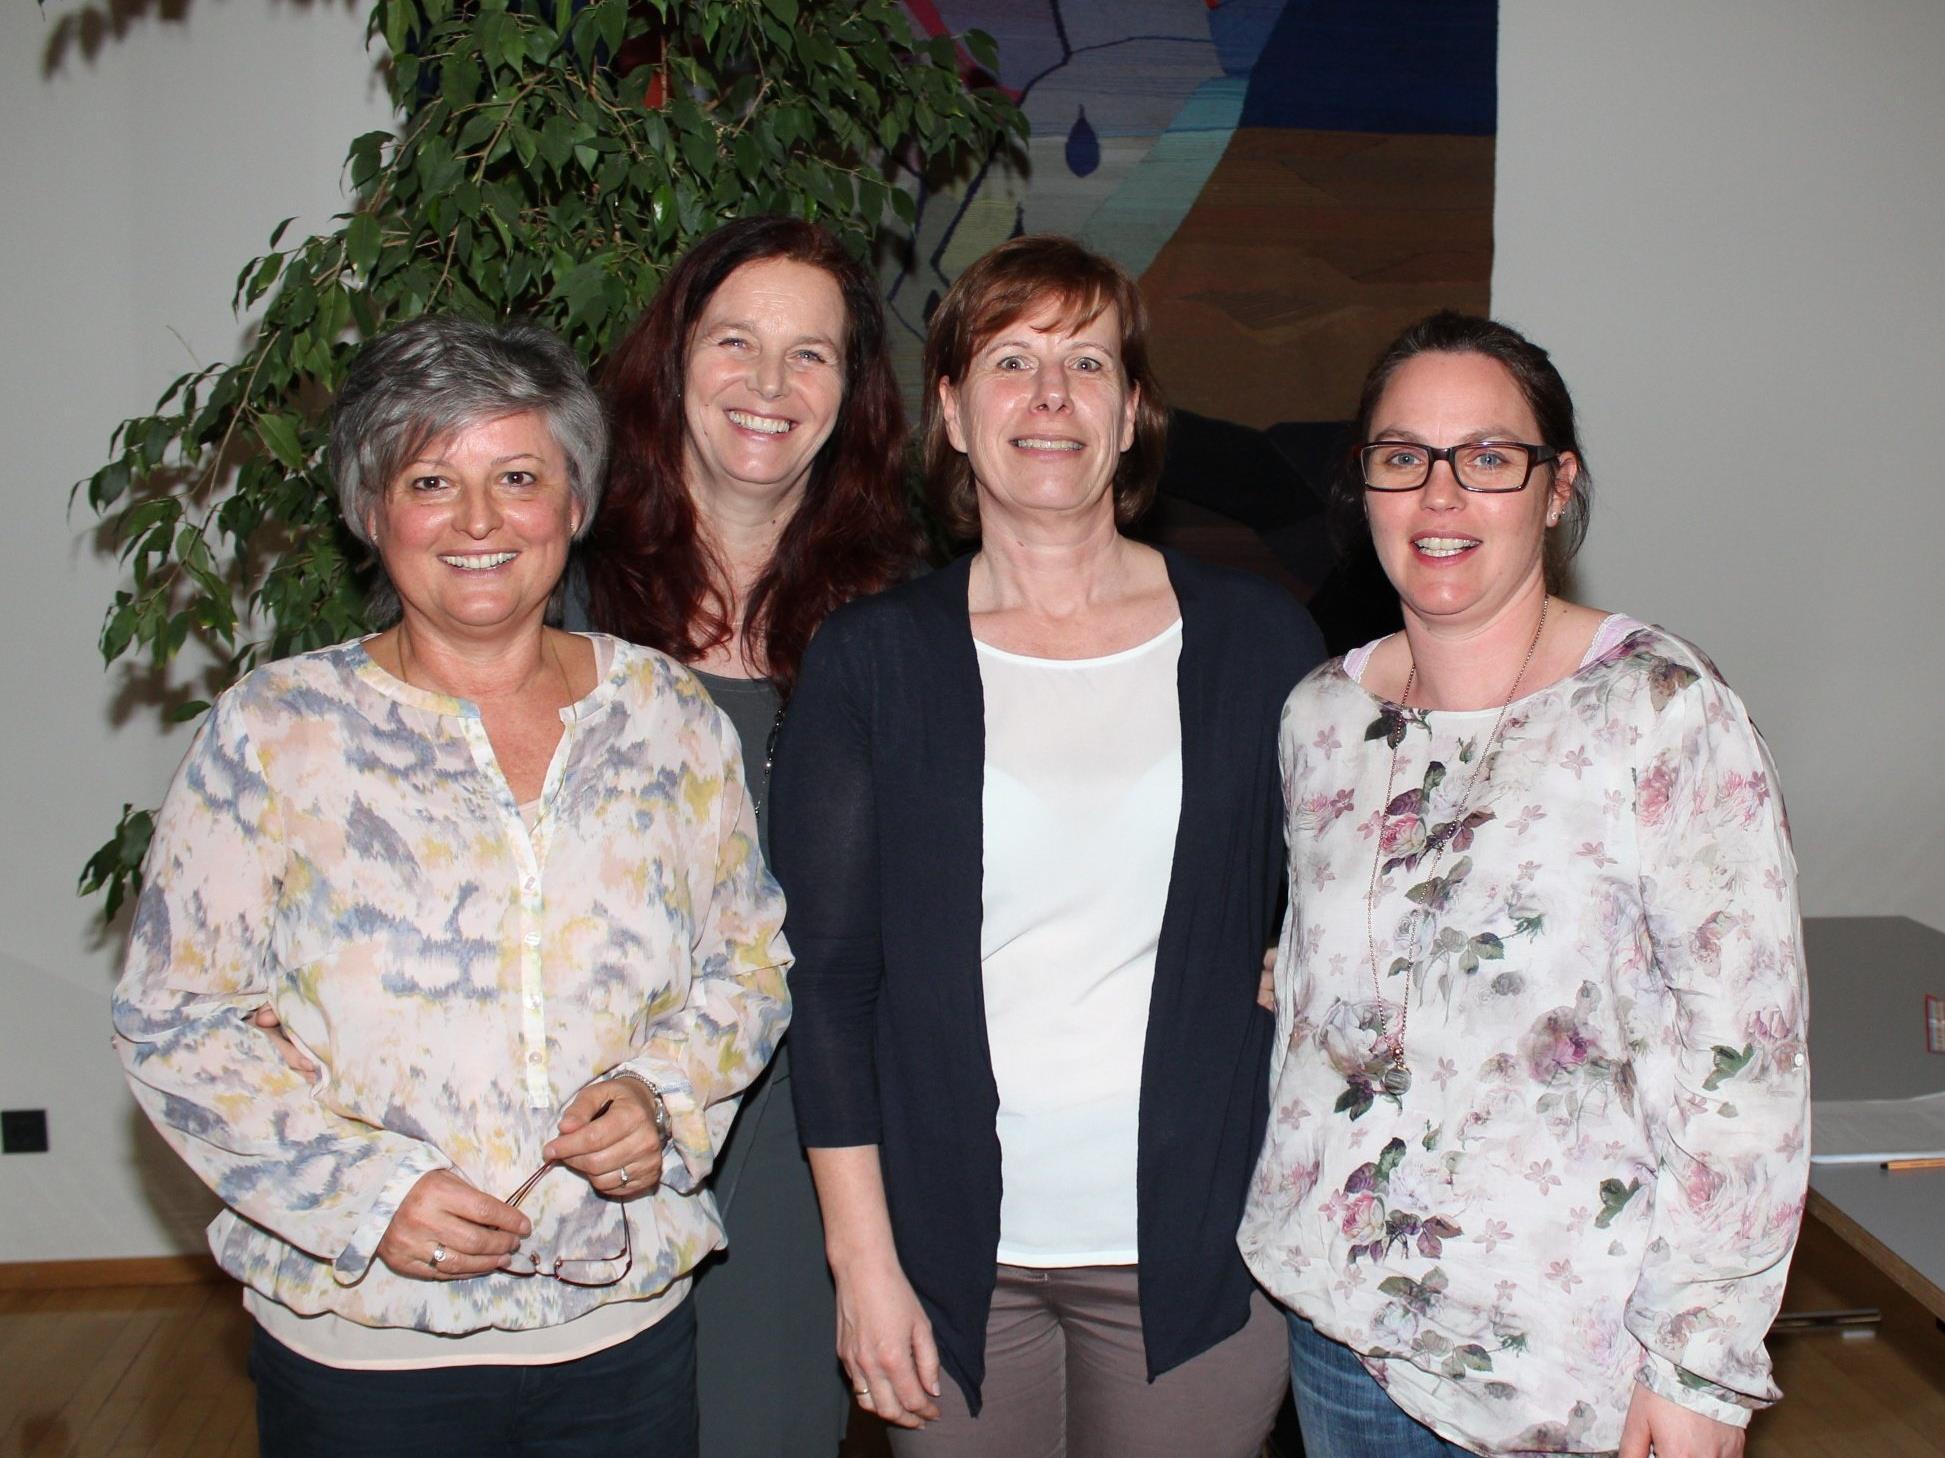 Vereinsvorstand: Brigitte Plankel, Monika Natter, Monika Winder und Obfrau Claudia Gunz.